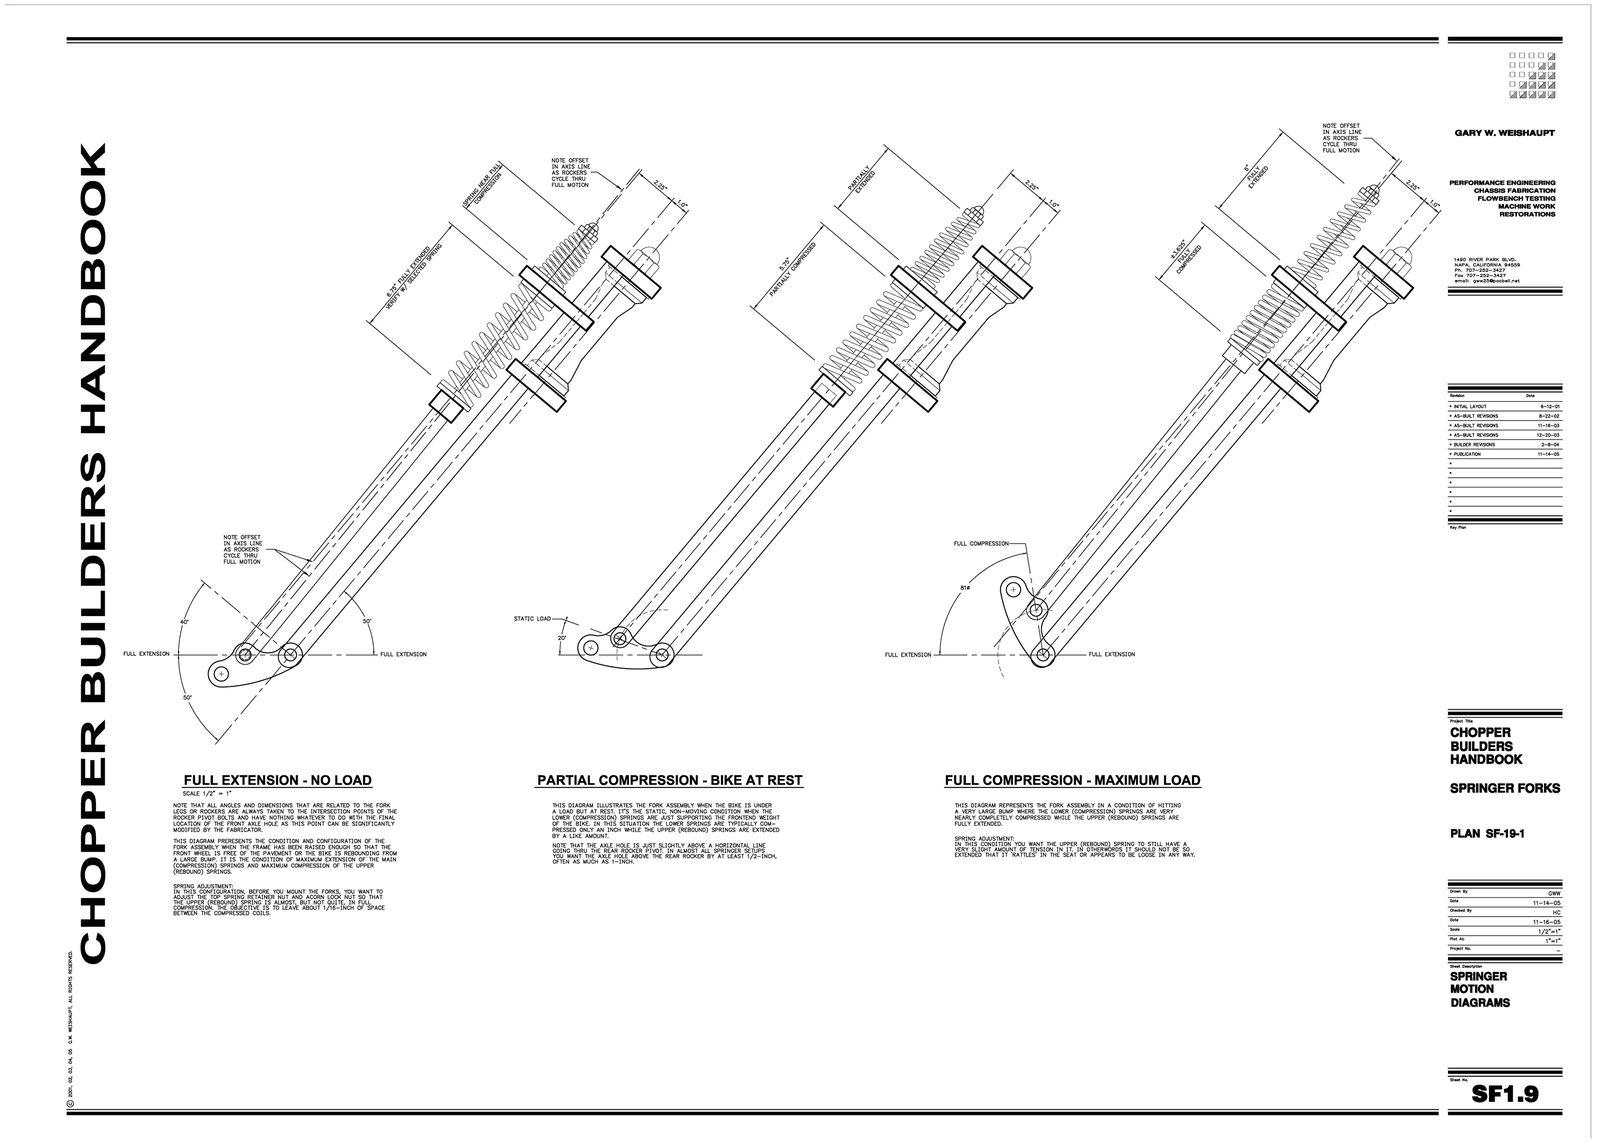 Springer Fork Plans 9of9